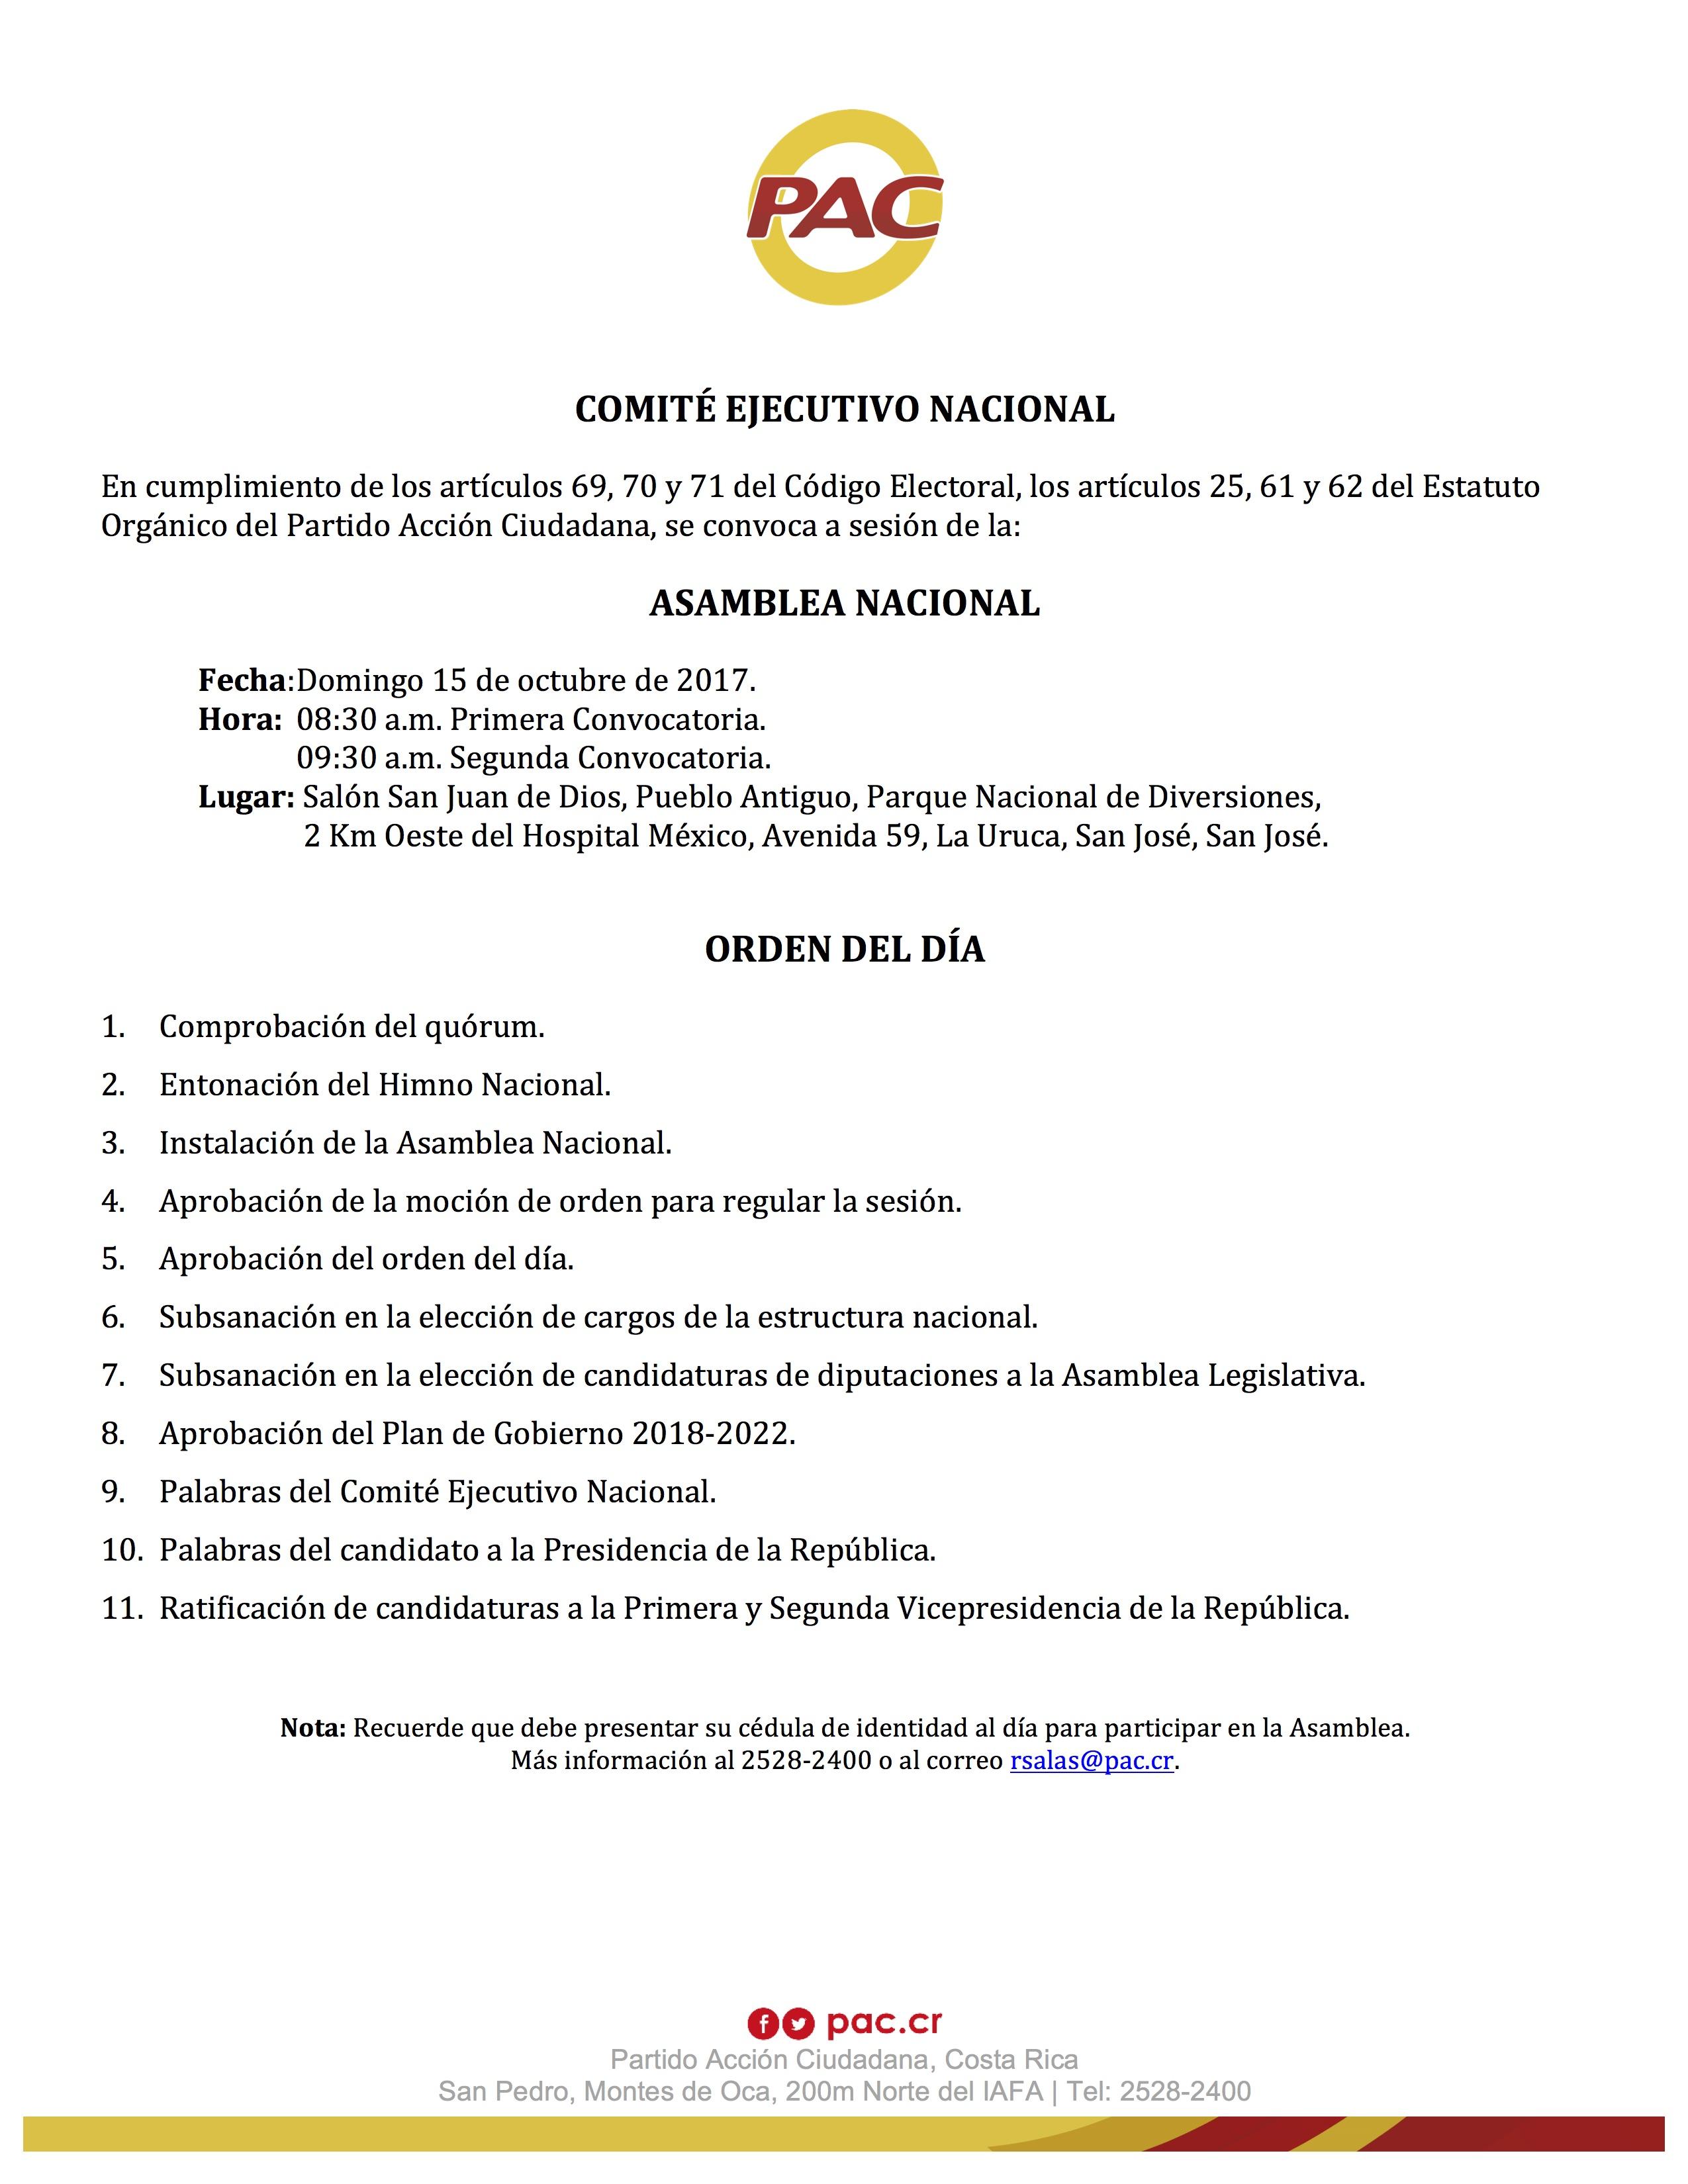 20171006 Agenda AN 15 Oct